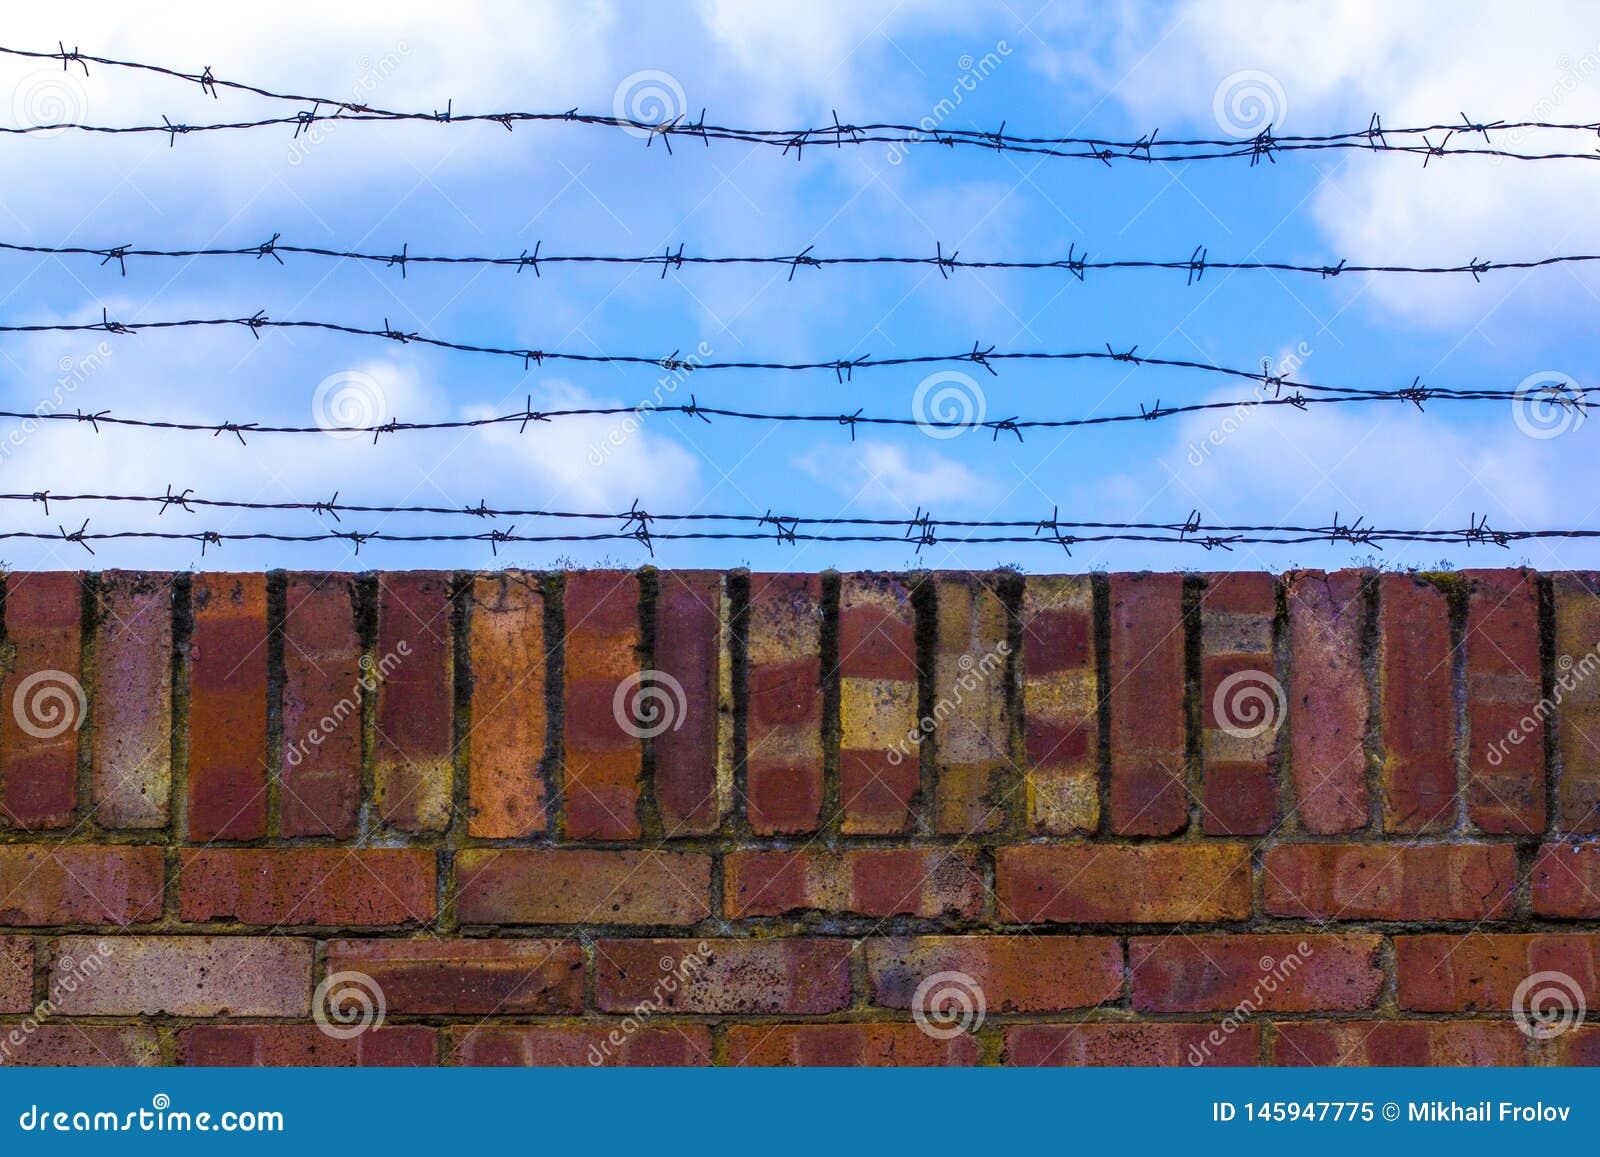 Wallagainst de barbelé et de brique le ciel bleu Le ciel bleu est couvert de barbel? Prison et ciel nuageux bleu